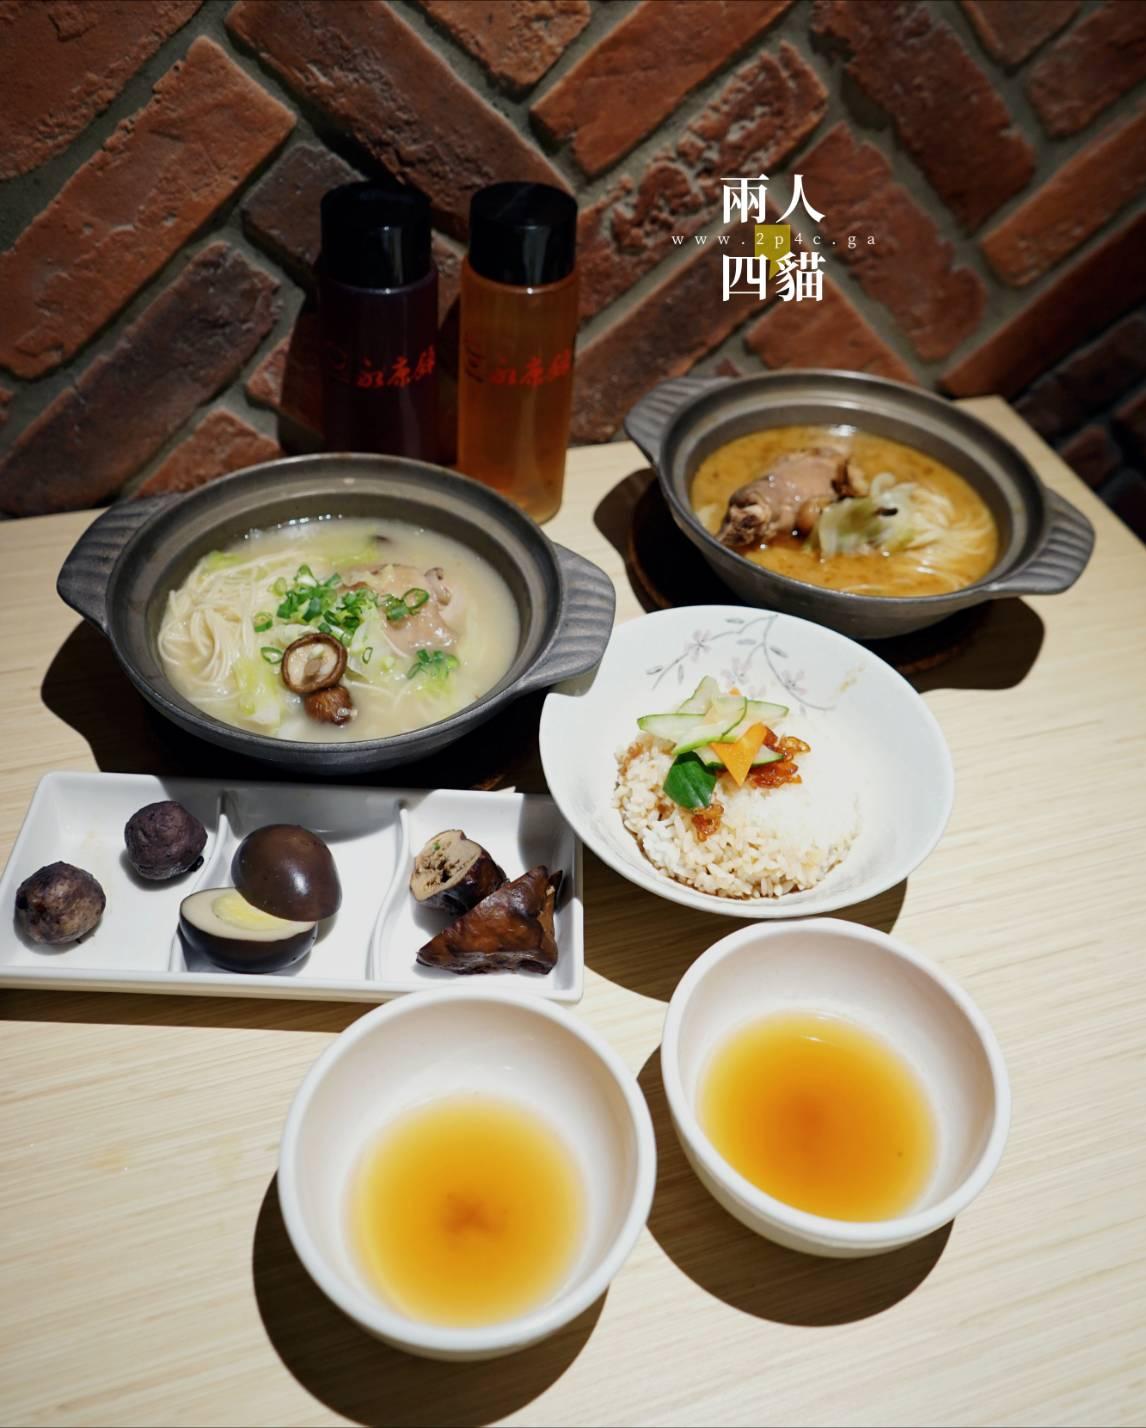 【台北|美食】台北市區竟然能喝到放山雞雞湯!永康商圈養生美食【永康錄】雞湯 傳統雞湯 精緻體驗